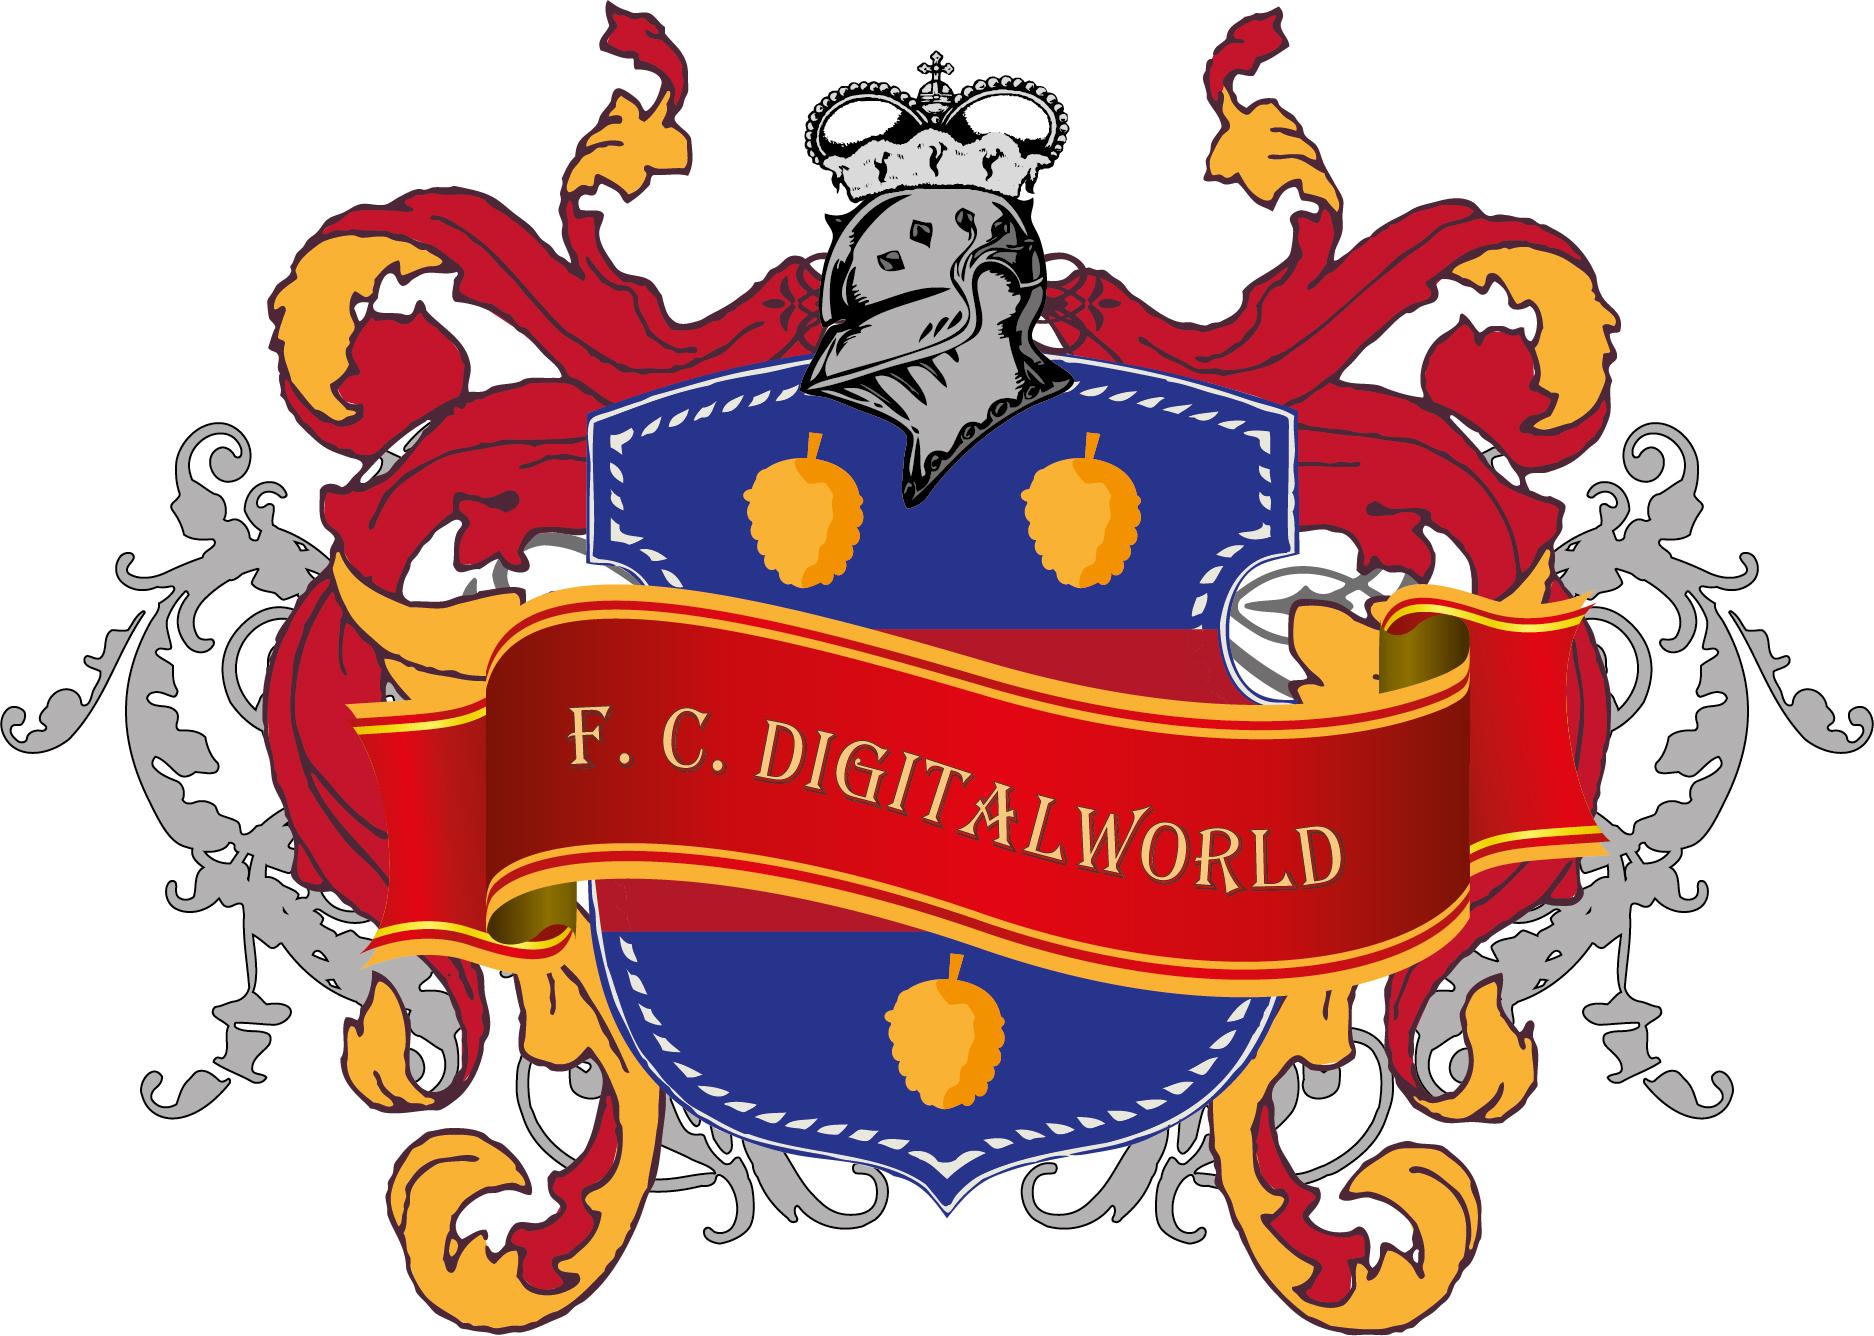 F.C. DigitalWorld